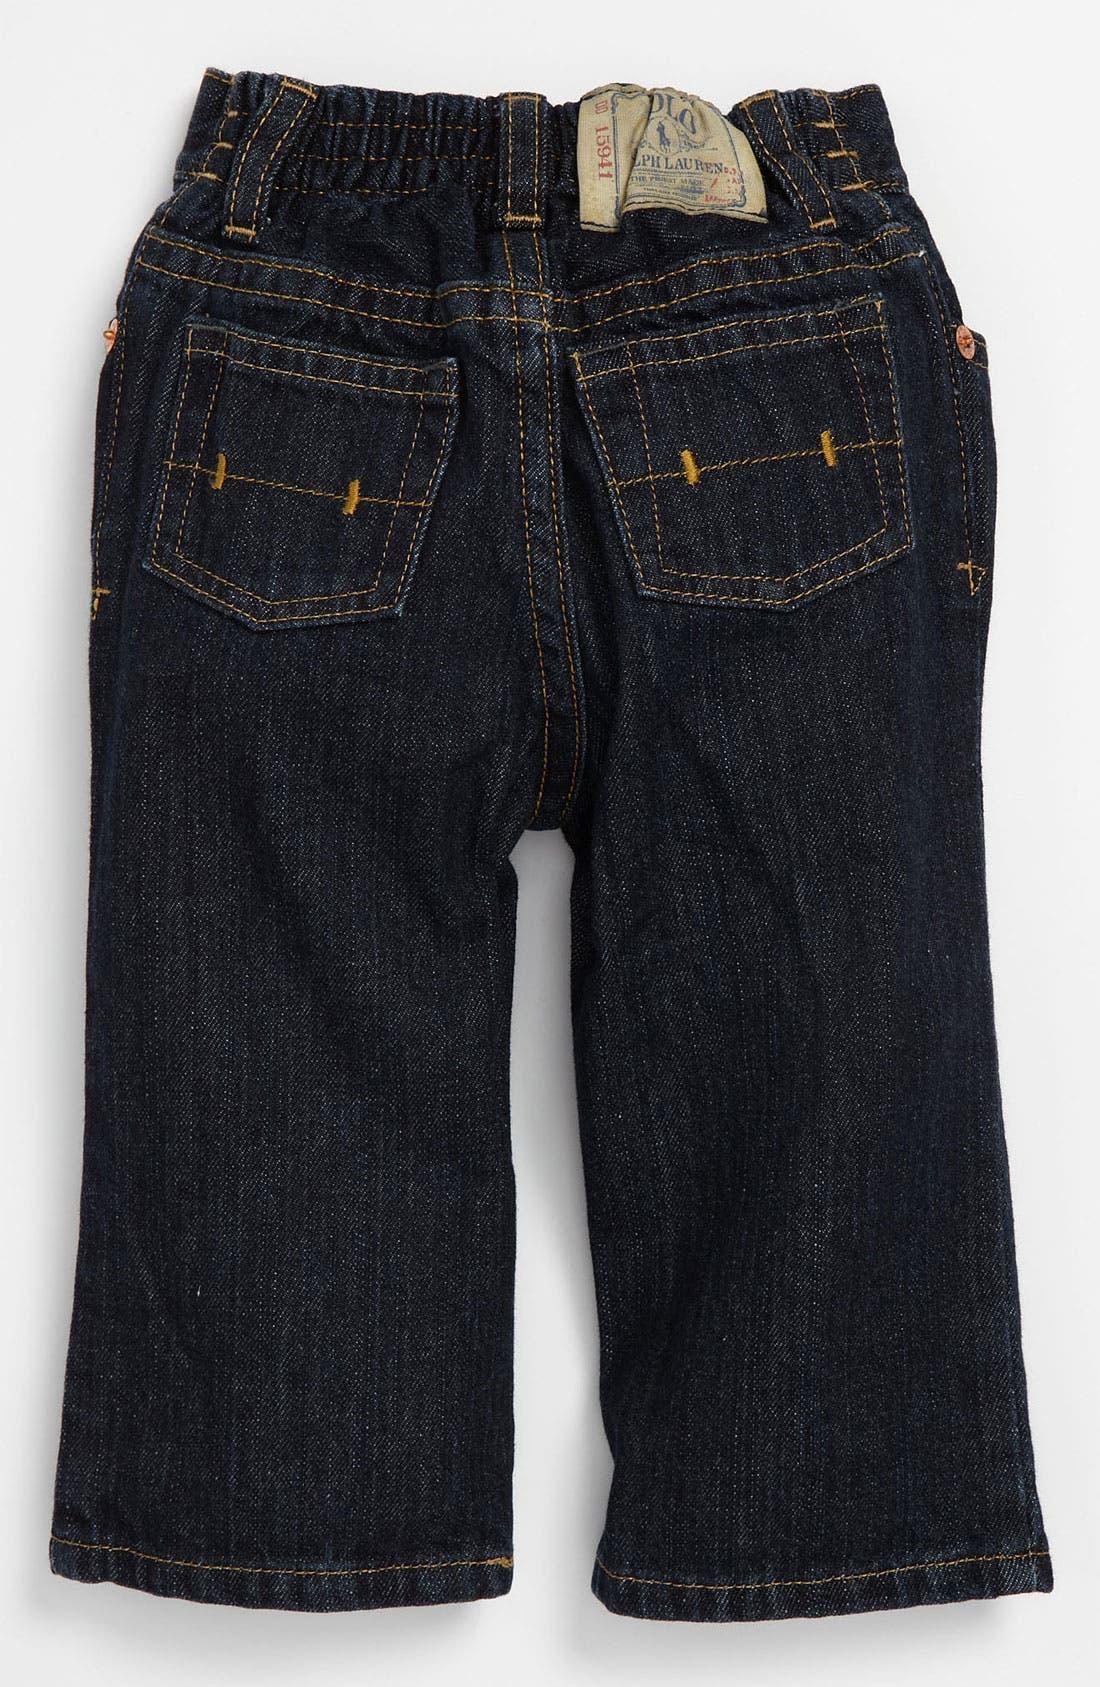 Alternate Image 1 Selected - Ralph Lauren Skinny Leg Jeans (Infant)